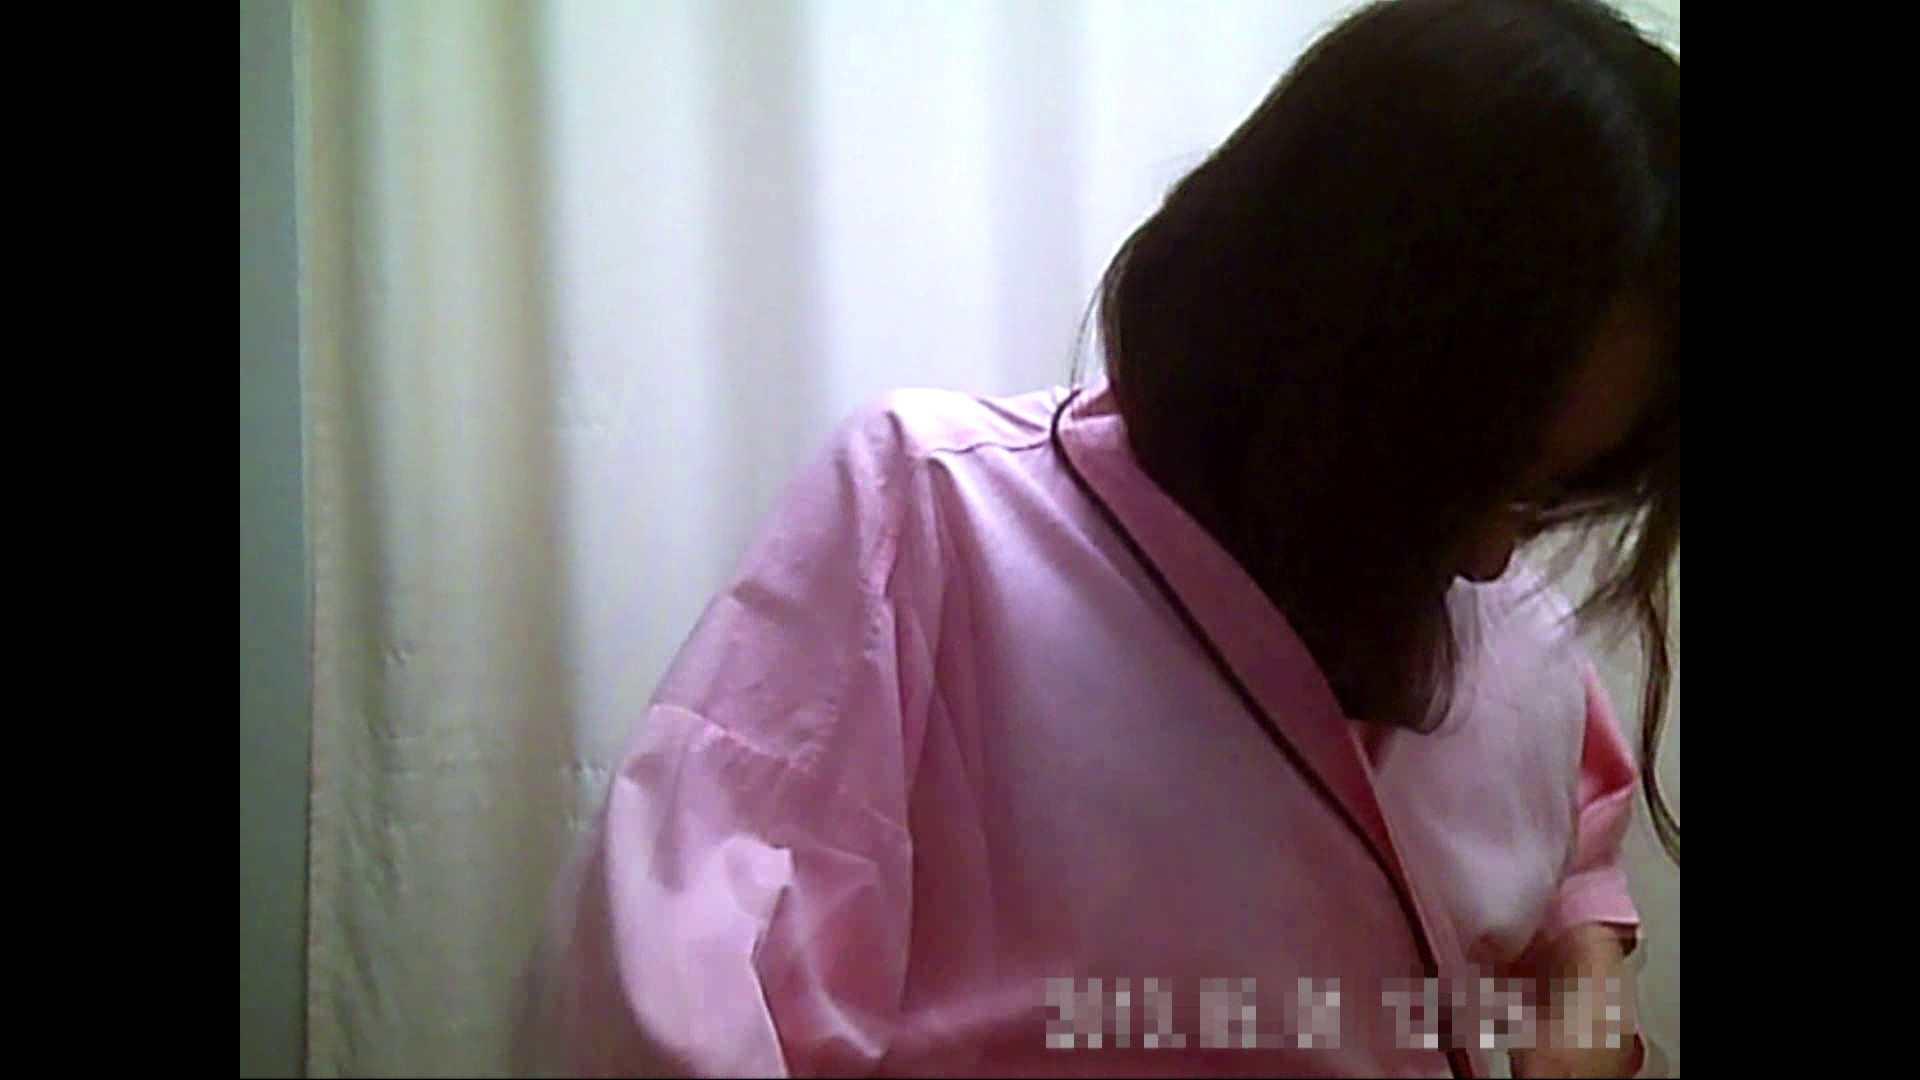 病院おもいっきり着替え! vol.206 貧乳 セックス画像 107pic 62